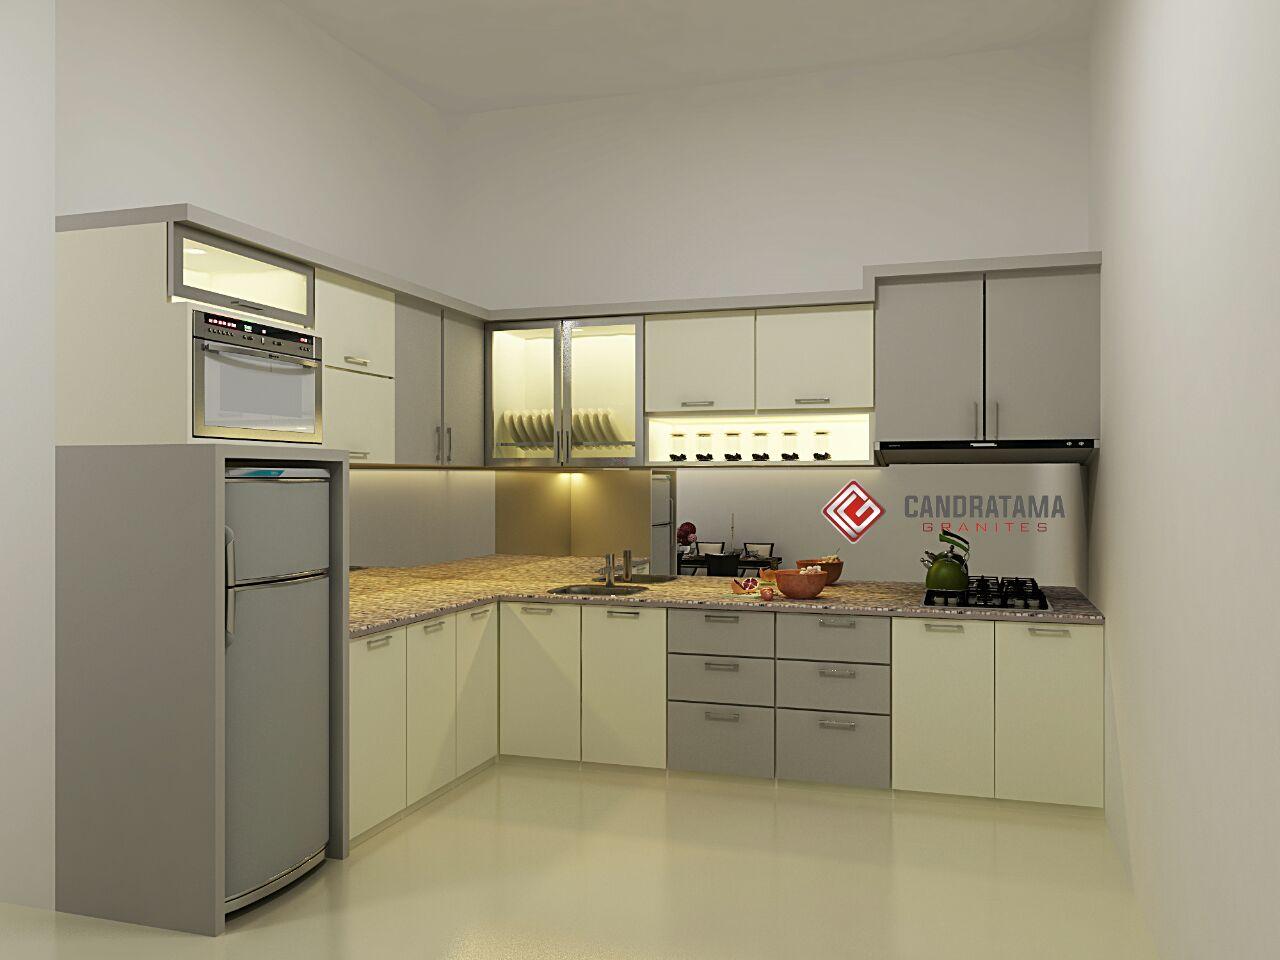 desain-interior-kediri-furniture-kediri-penyekat-ruang-partisi-minimalis-jasa-interior-nganjuk-kediri-blitar (16)